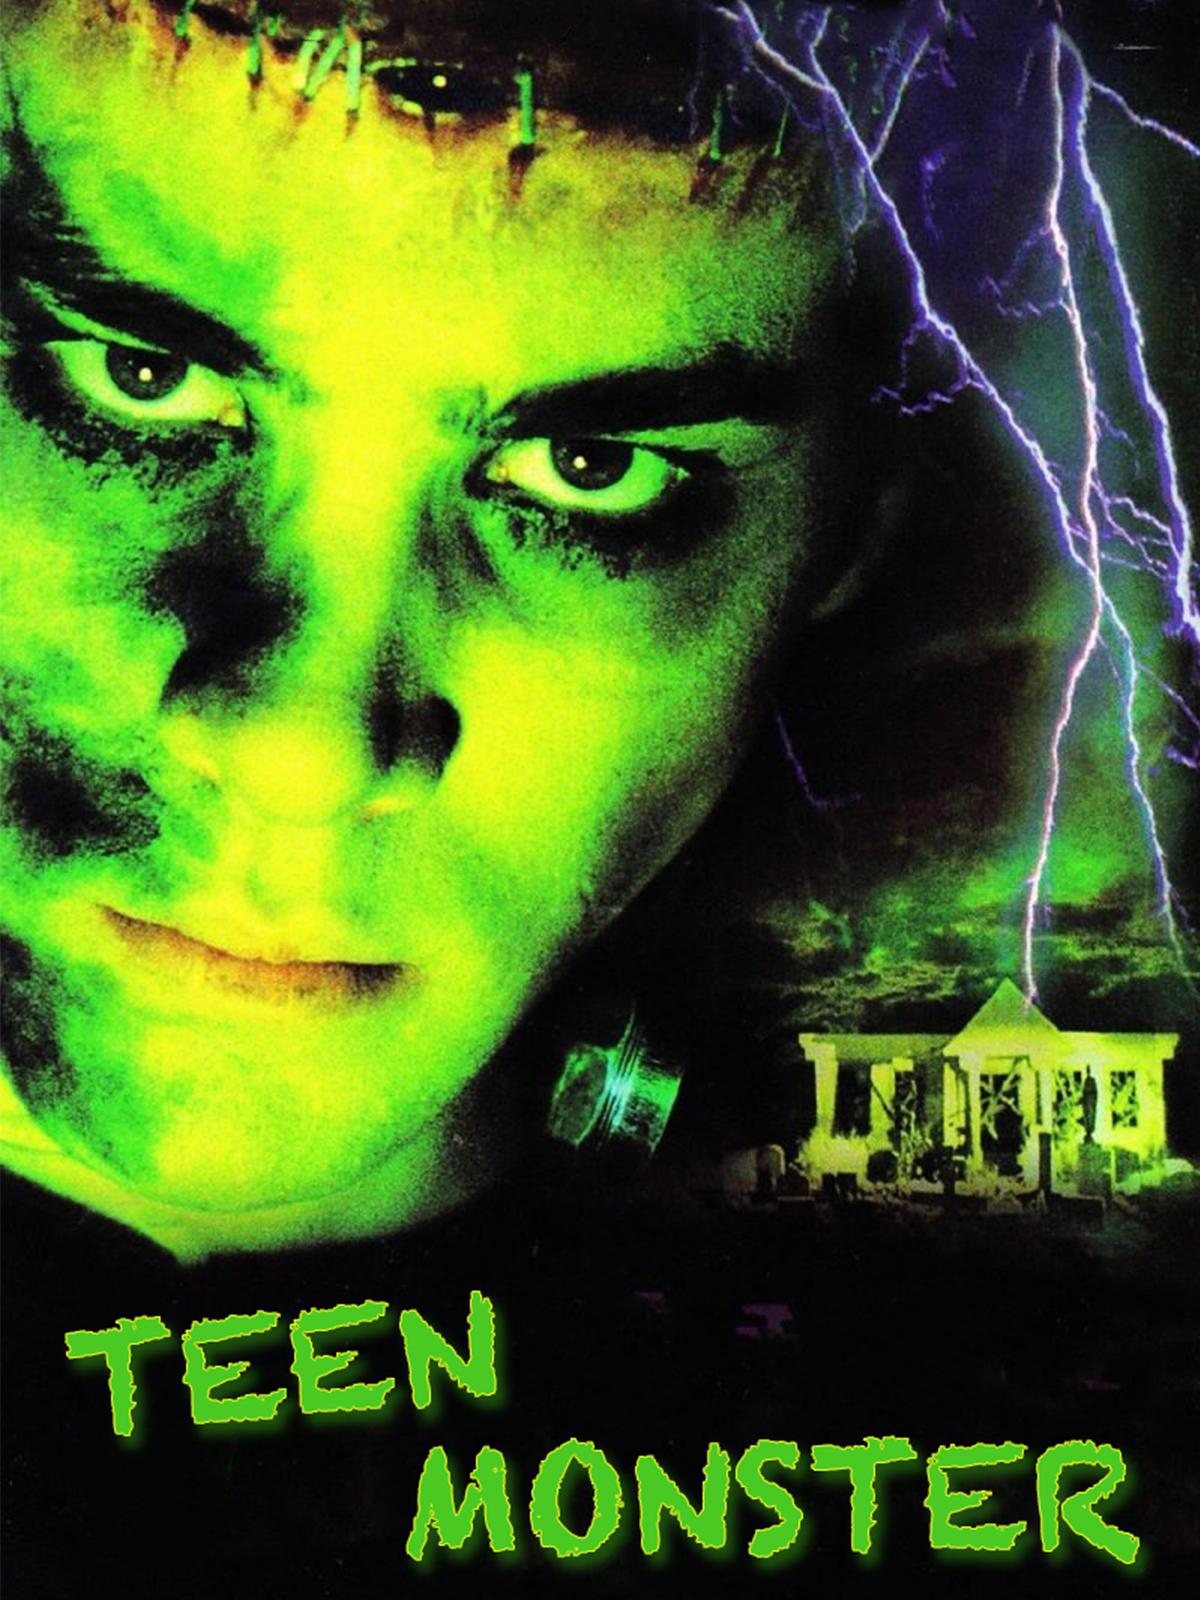 Here-TeenMonster-Full-Image-en-US.jpg